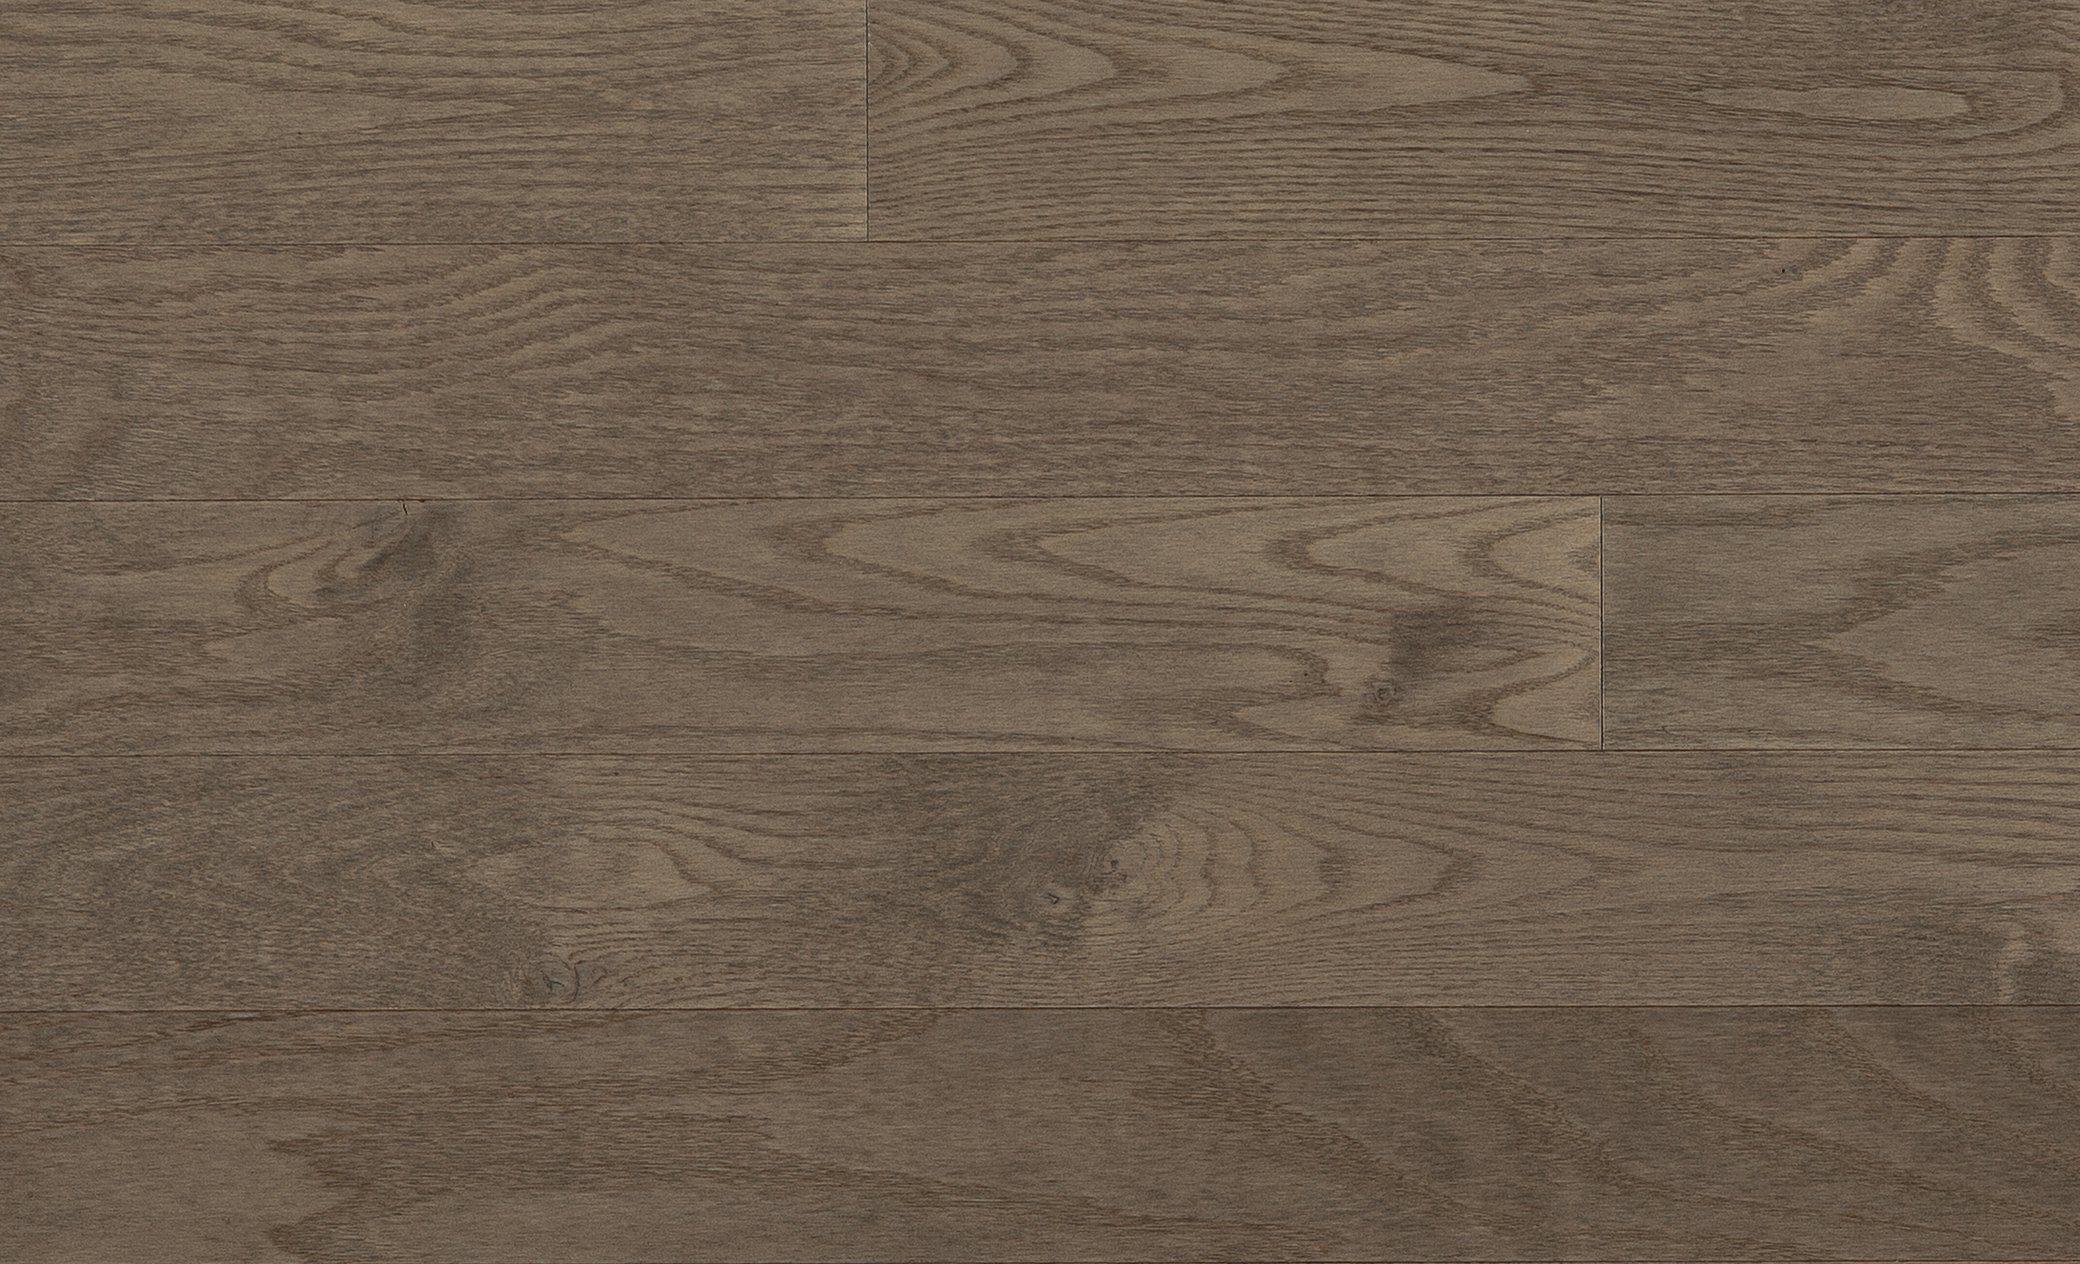 Mercier Red Oak Stone Solid Width: 2 1/4